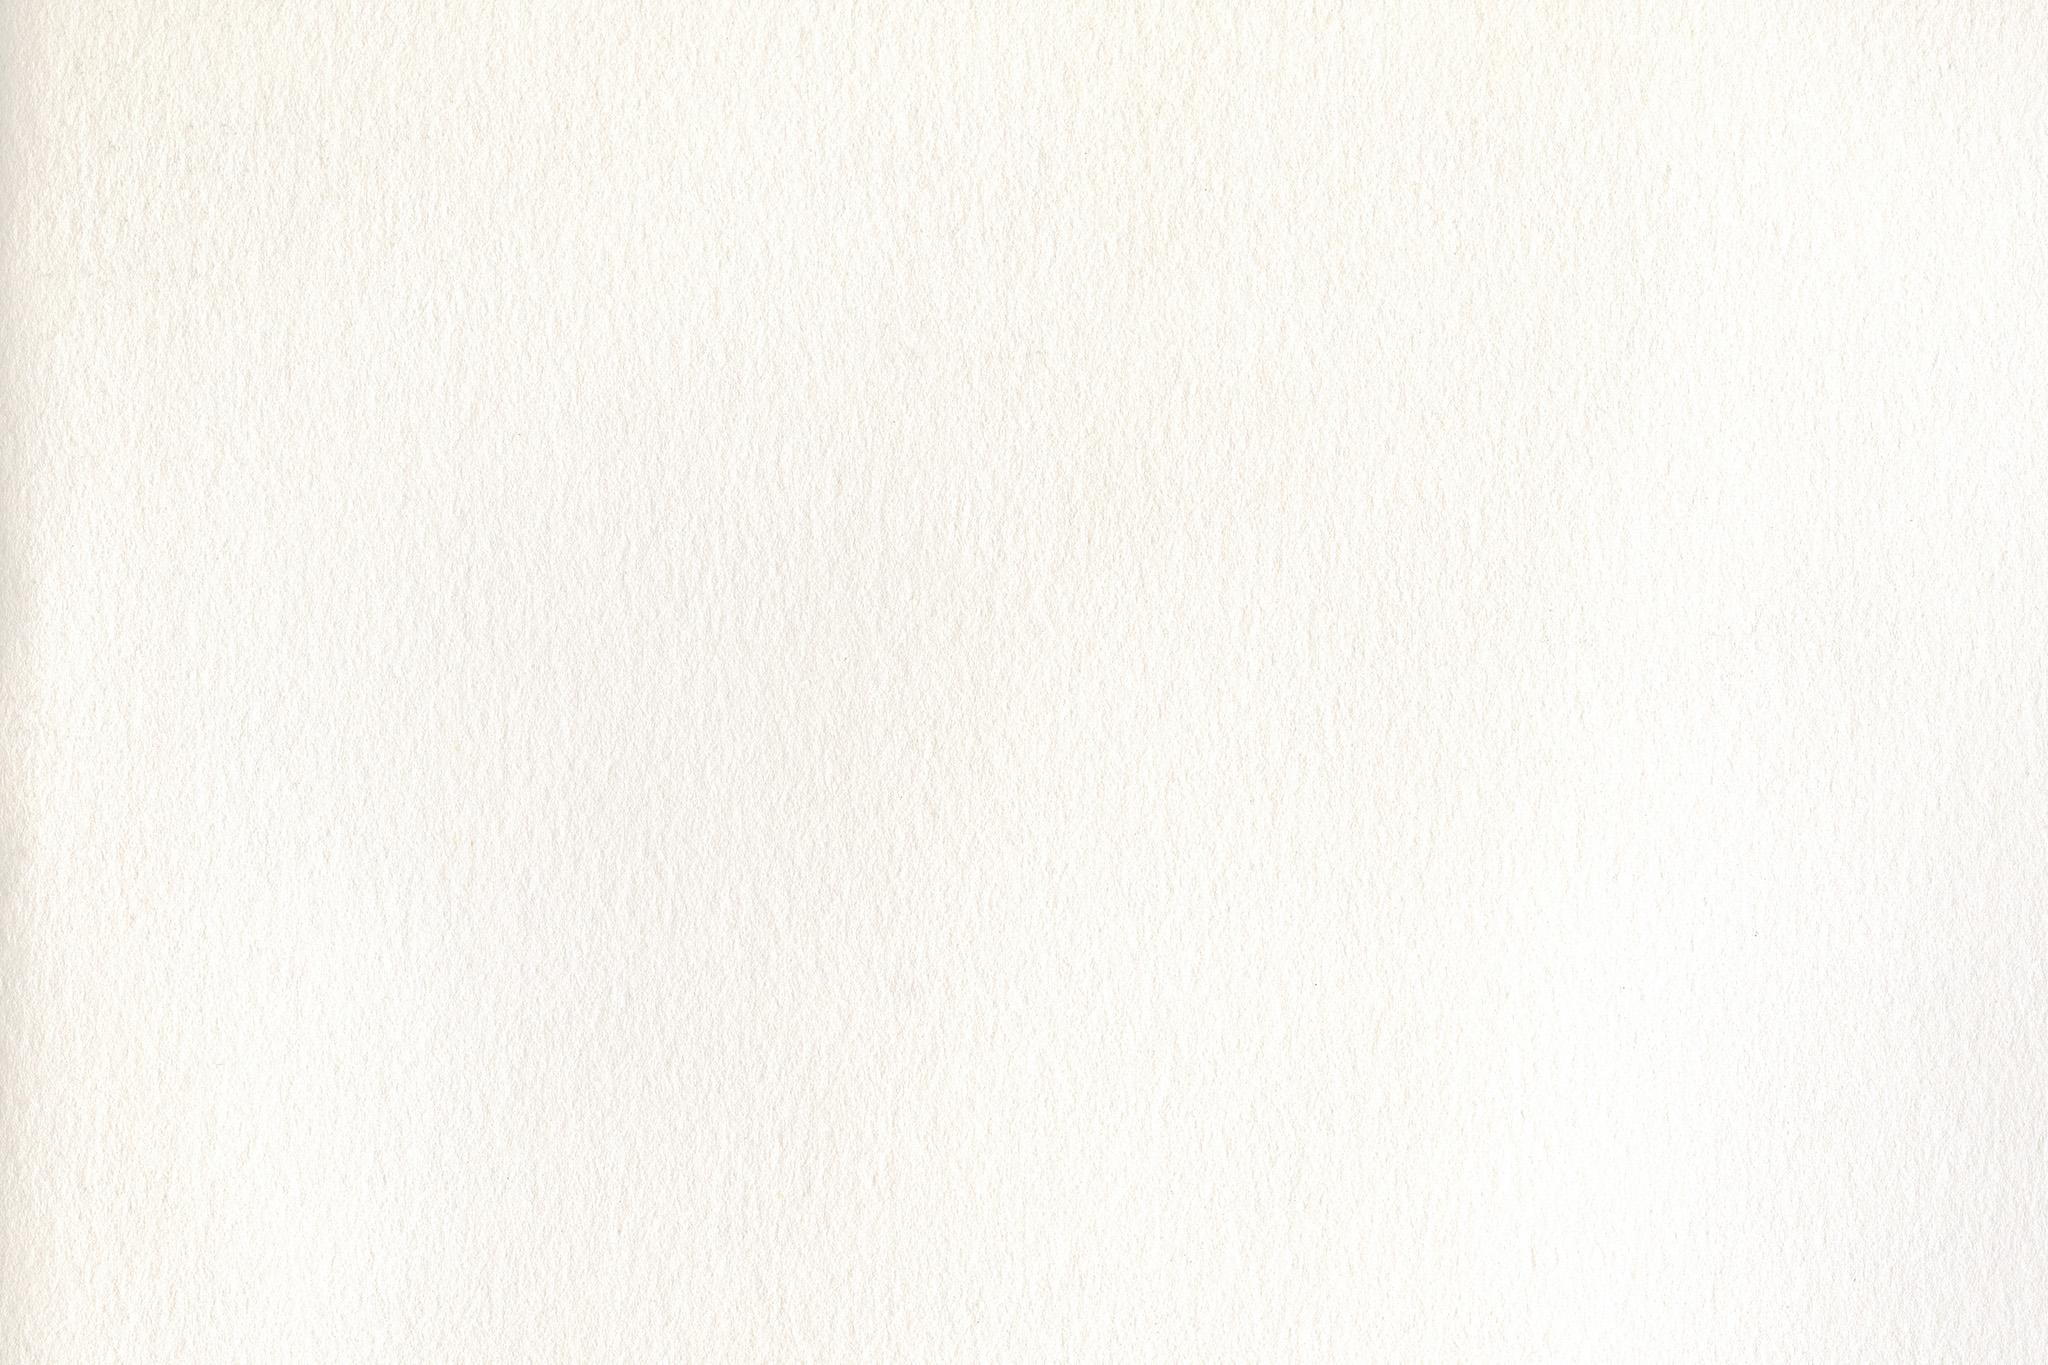 「表面の素材が荒い白い紙」の画像を無料ダウンロード